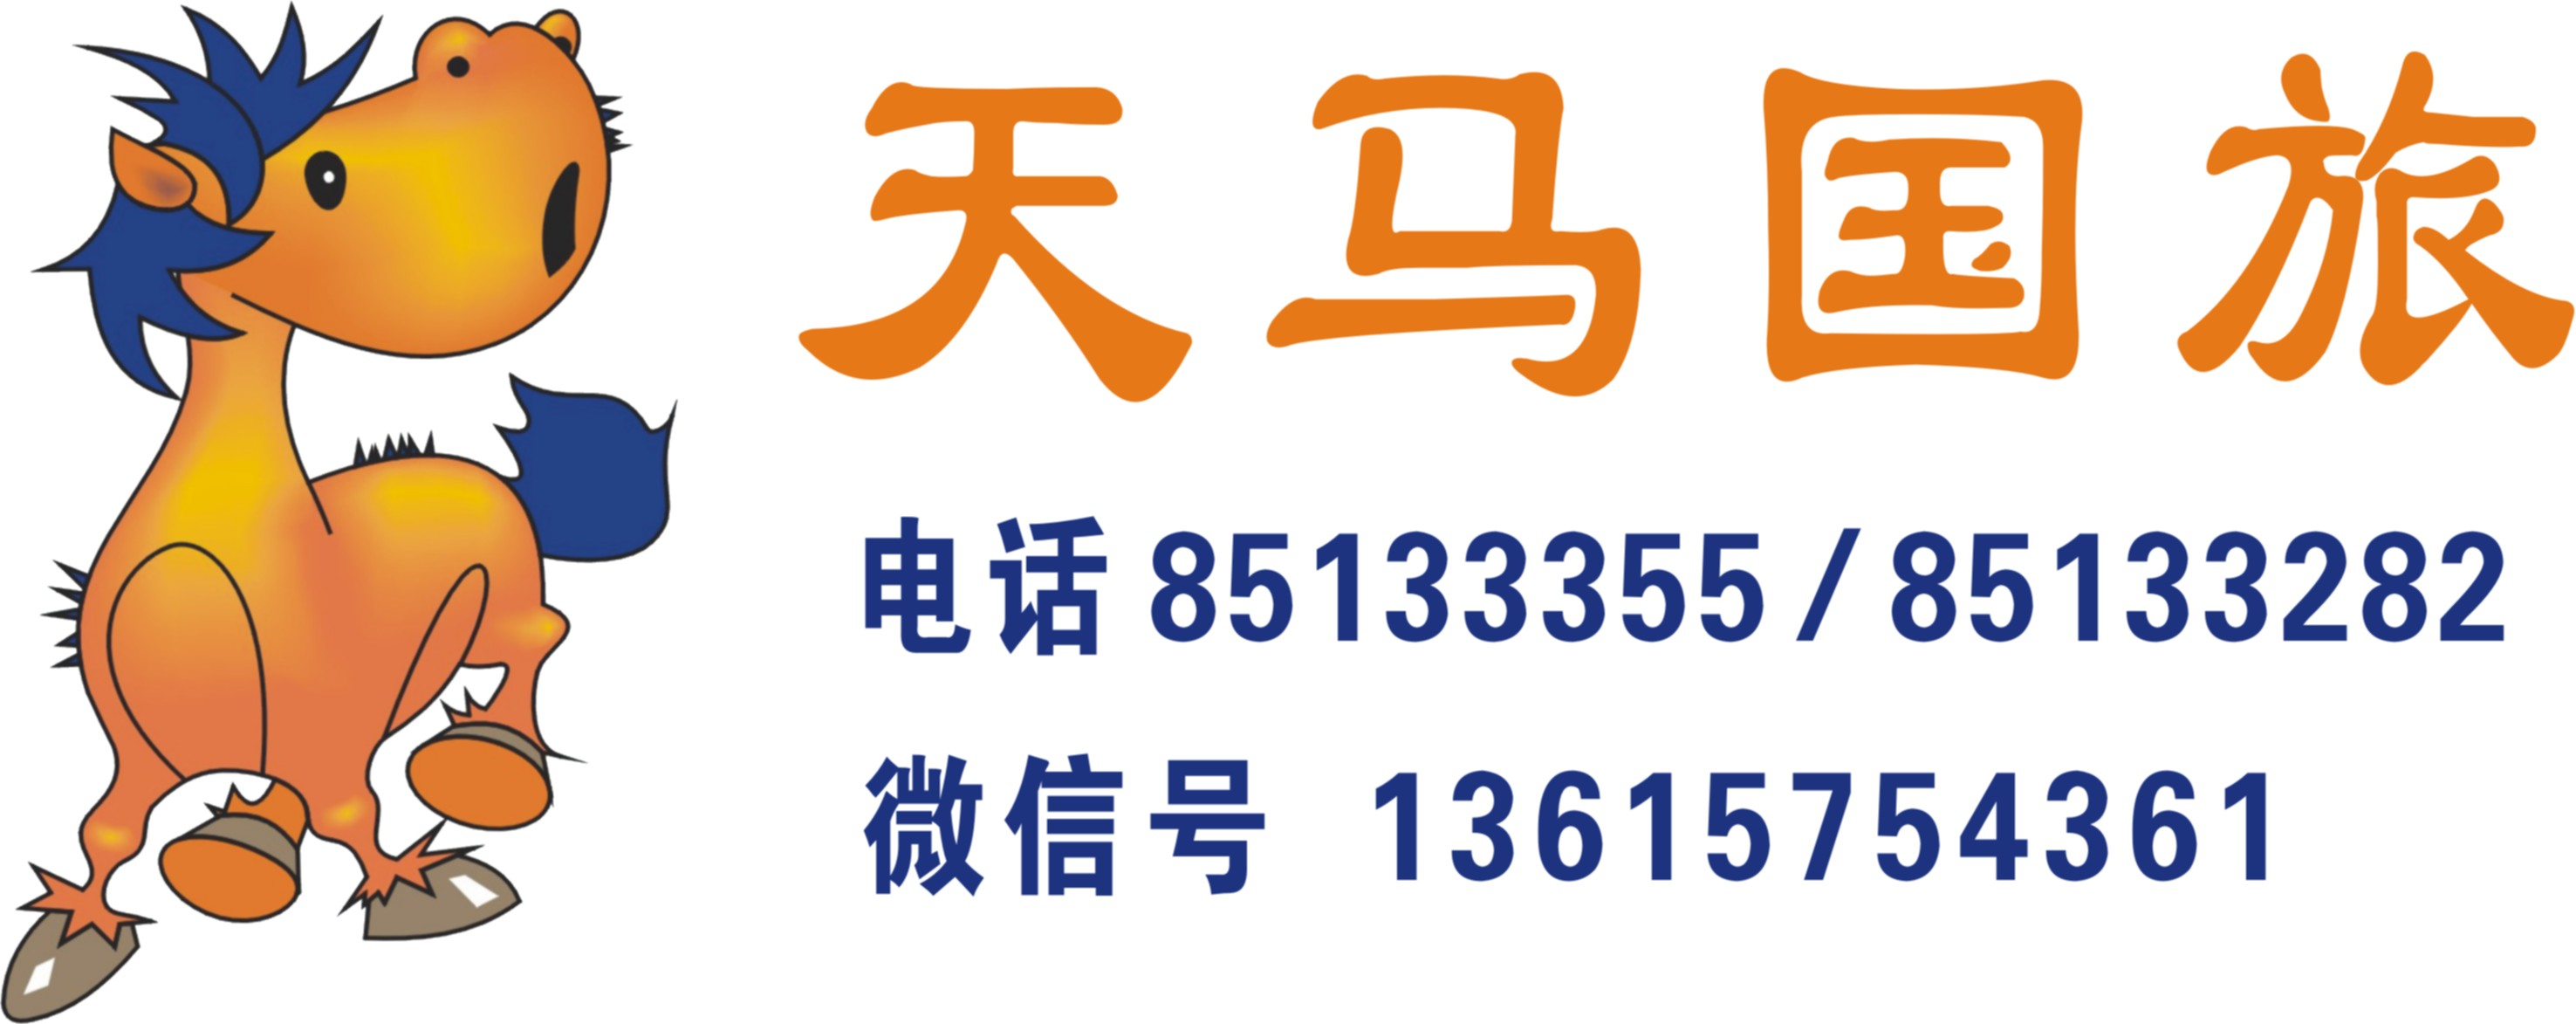 2.11【上海迪士尼乐园二次入园二日游】